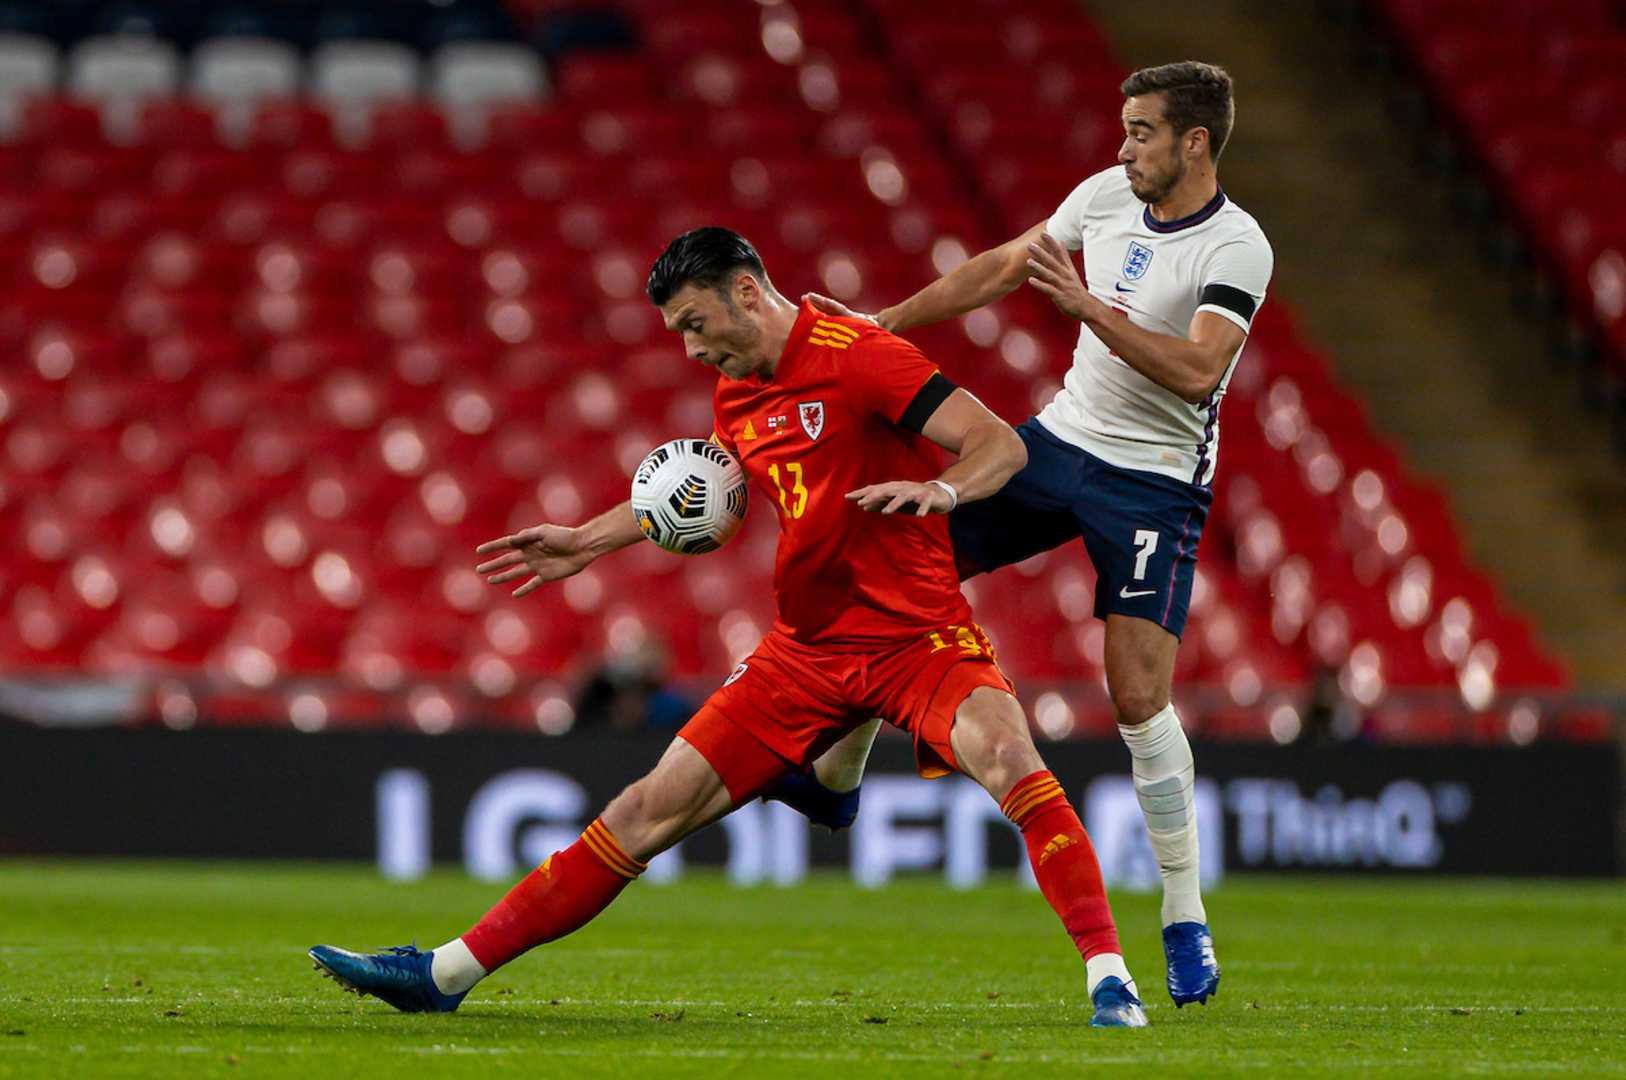 Lloegr 3-0 Cymru